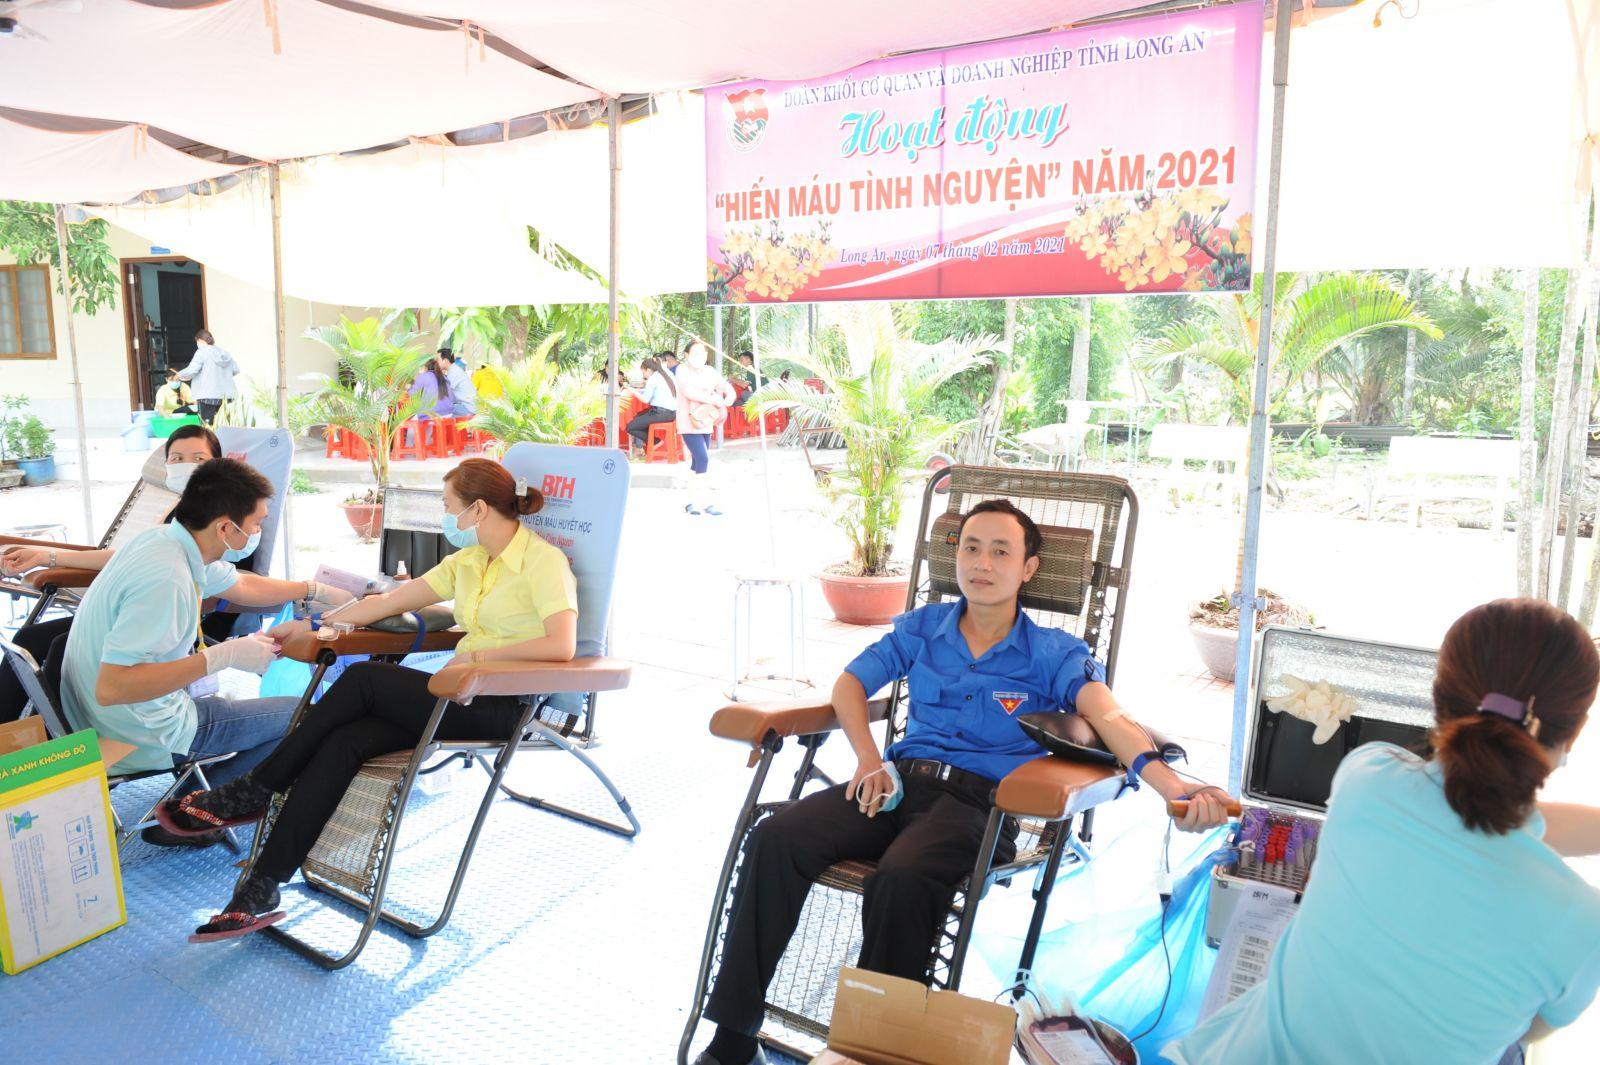 Phong trào hiến máu tình nguyện do Đoàn khối Cơ quan và Doanh nghiệp tỉnh phát động thu hút nhiều đoàn viên, thanh niên tham gia